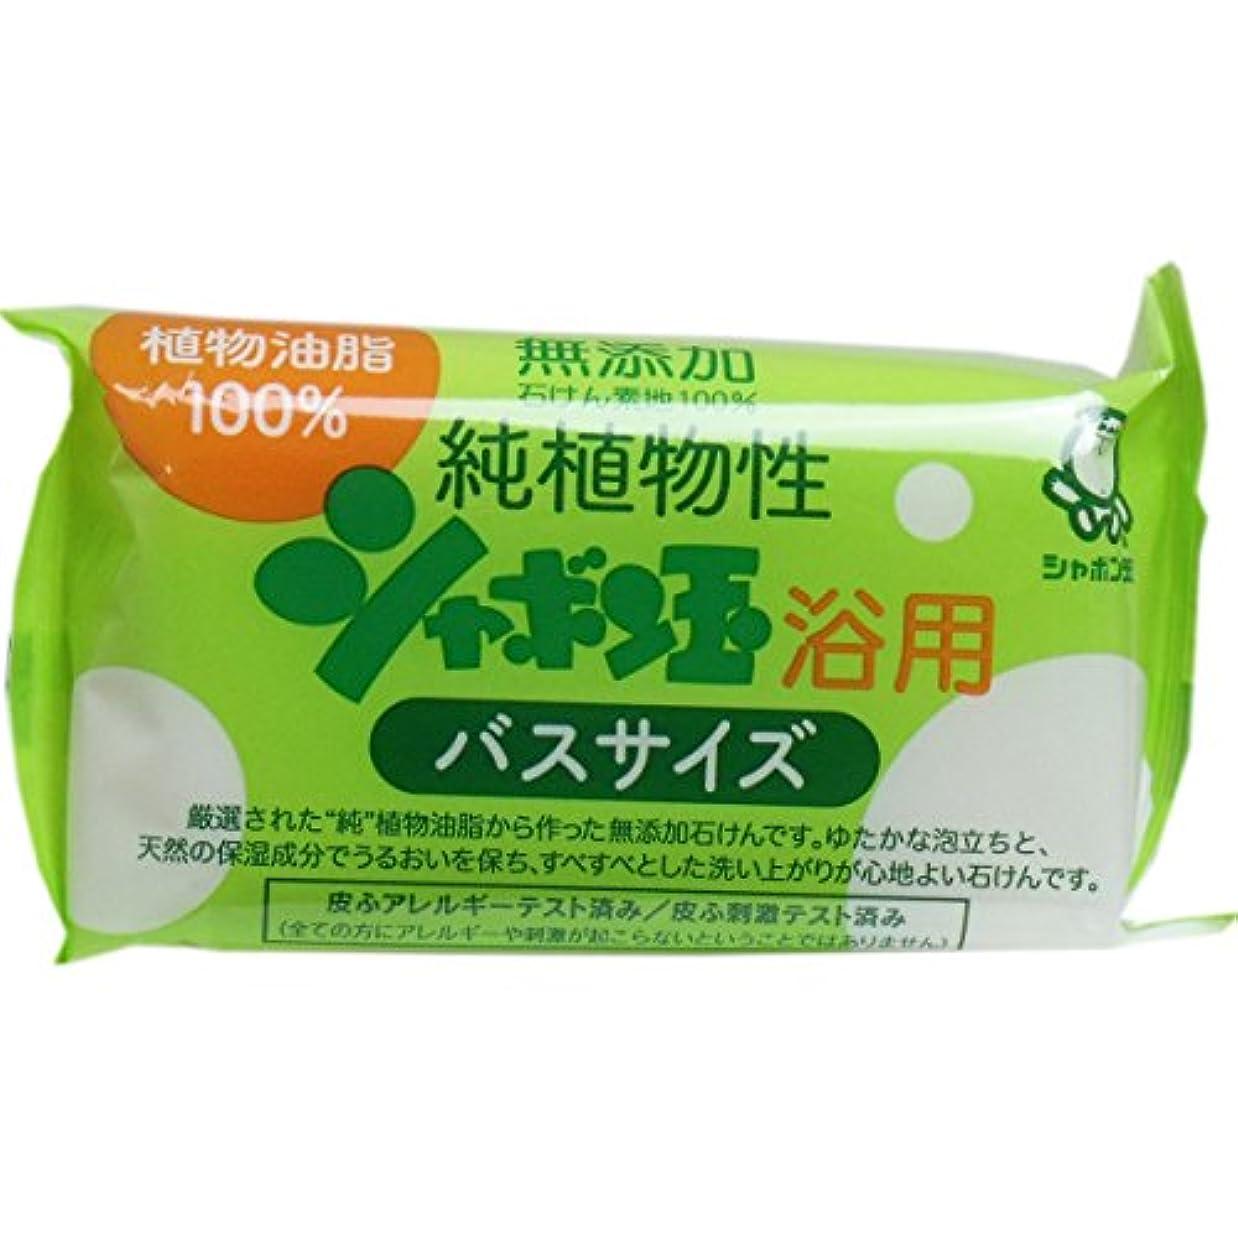 背の高い上下する涙が出る無添加 シャボン玉 純植物性浴用石けん バスサイズ 155g(無添加石鹸)